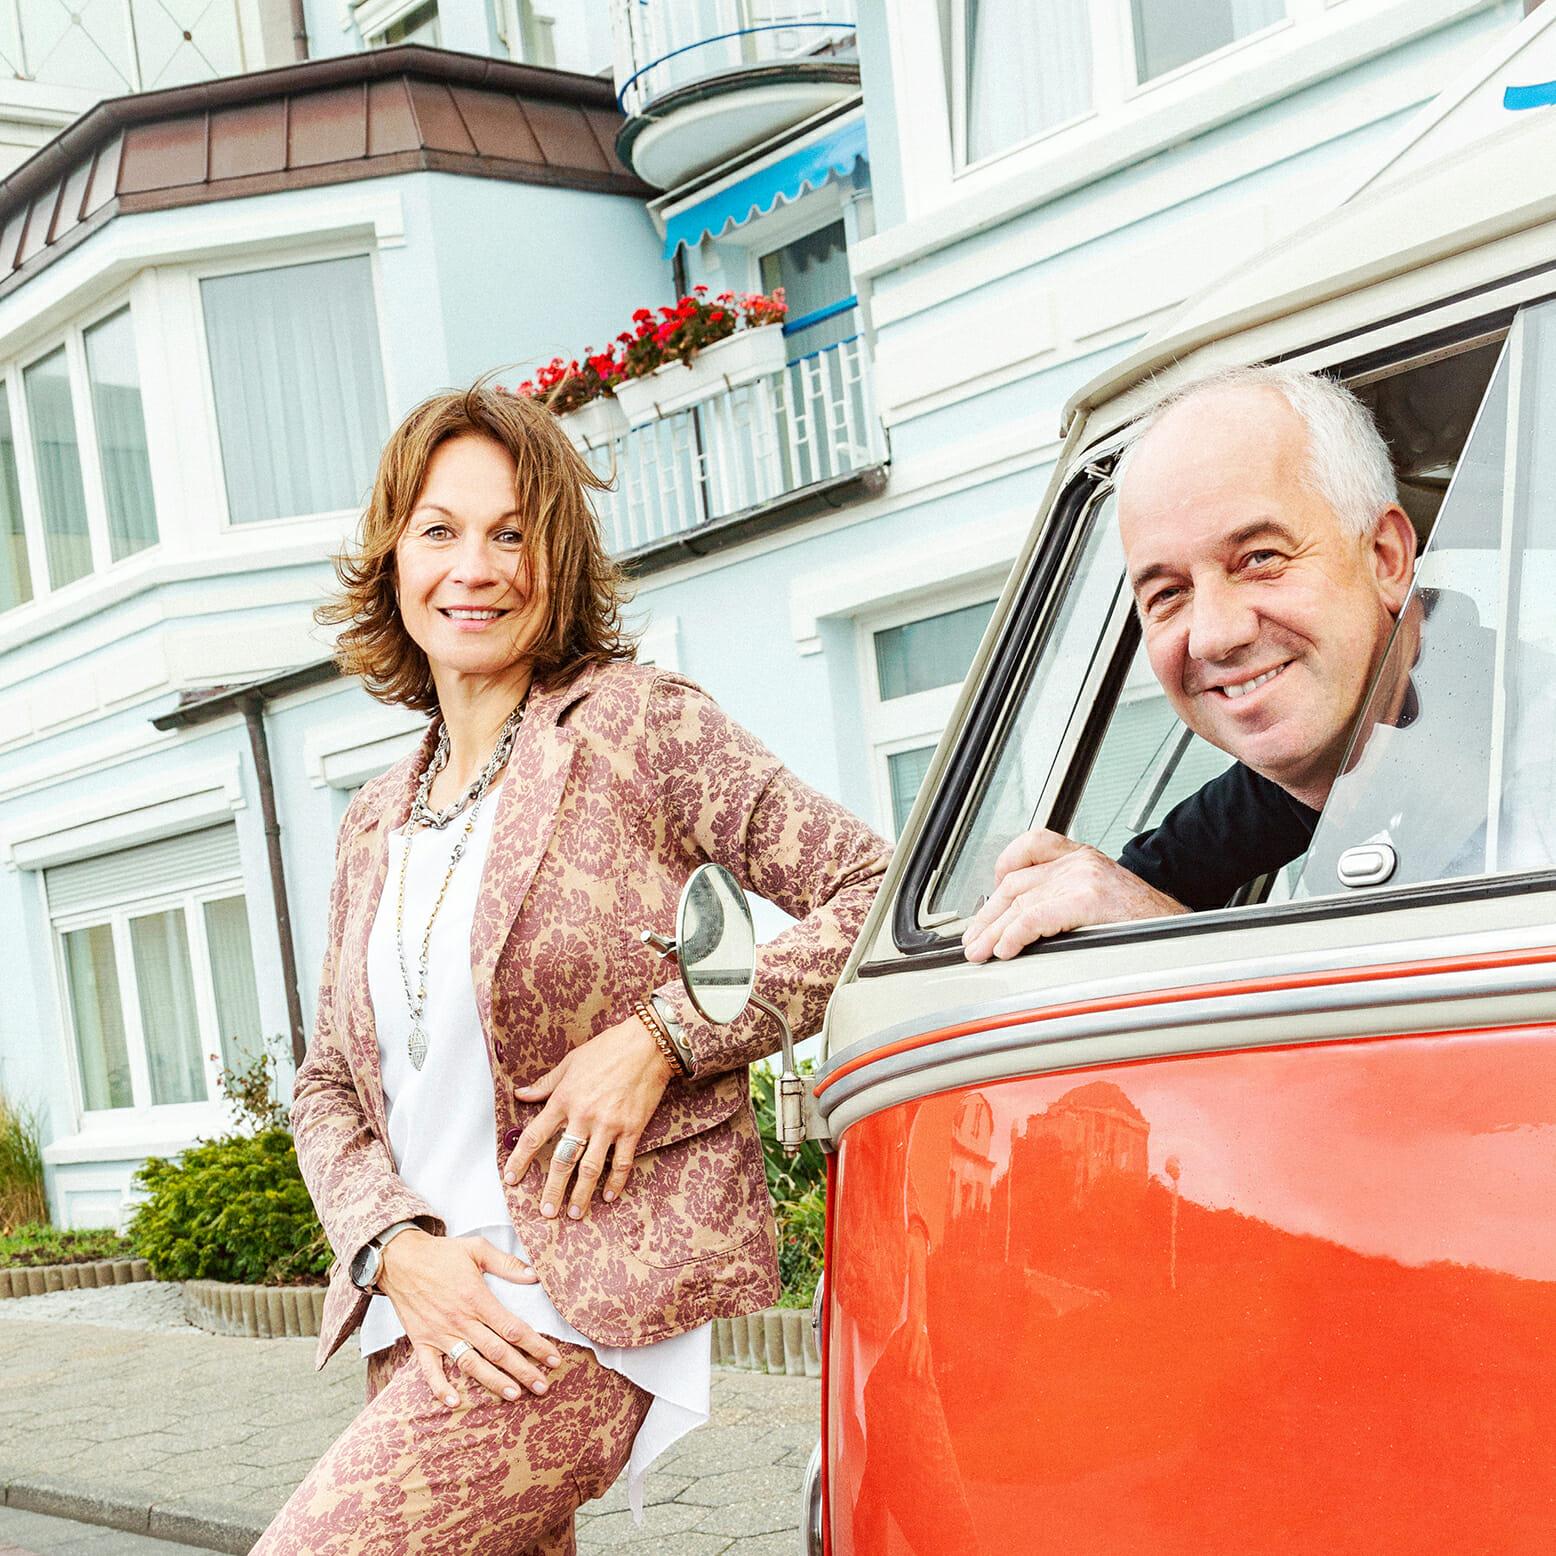 Monika und Uwe Ennen vor ihrem Hotel auf Norderney an ihrem VW Bulli T1